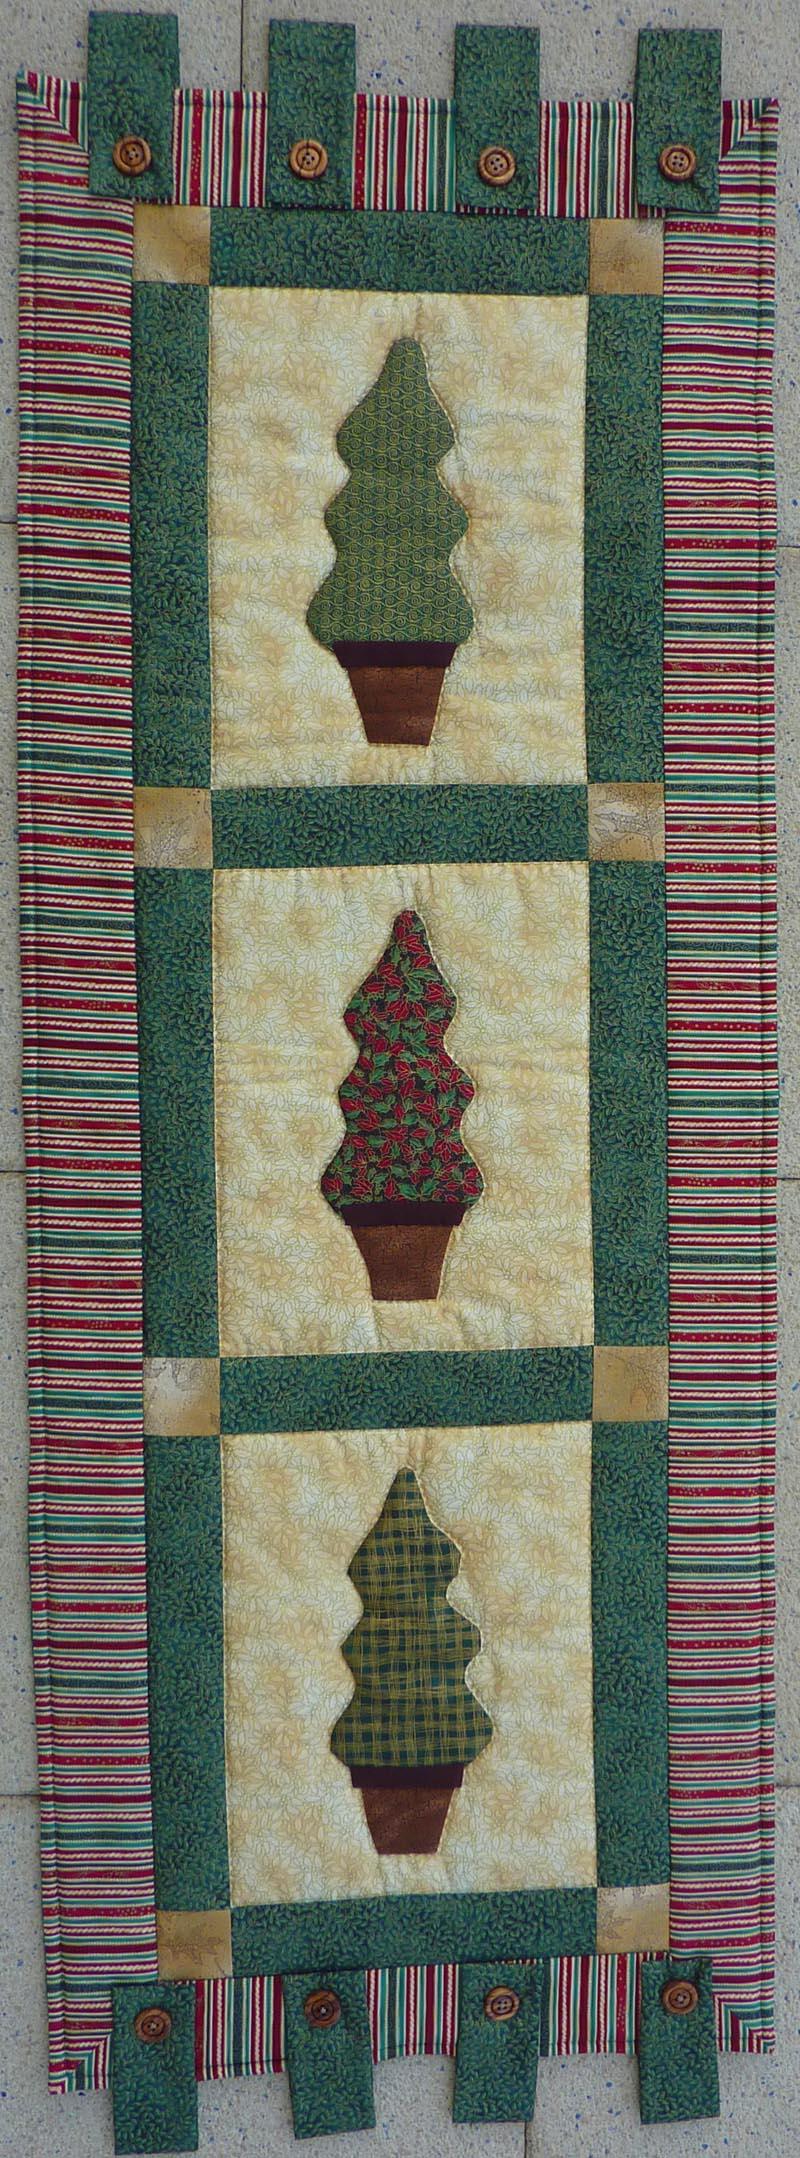 - ♡ Weihnachtlicher Wandbehang mit 3 applizierten Bäumchen - ♡ Weihnachtlicher Wandbehang mit 3 applizierten Bäumchen